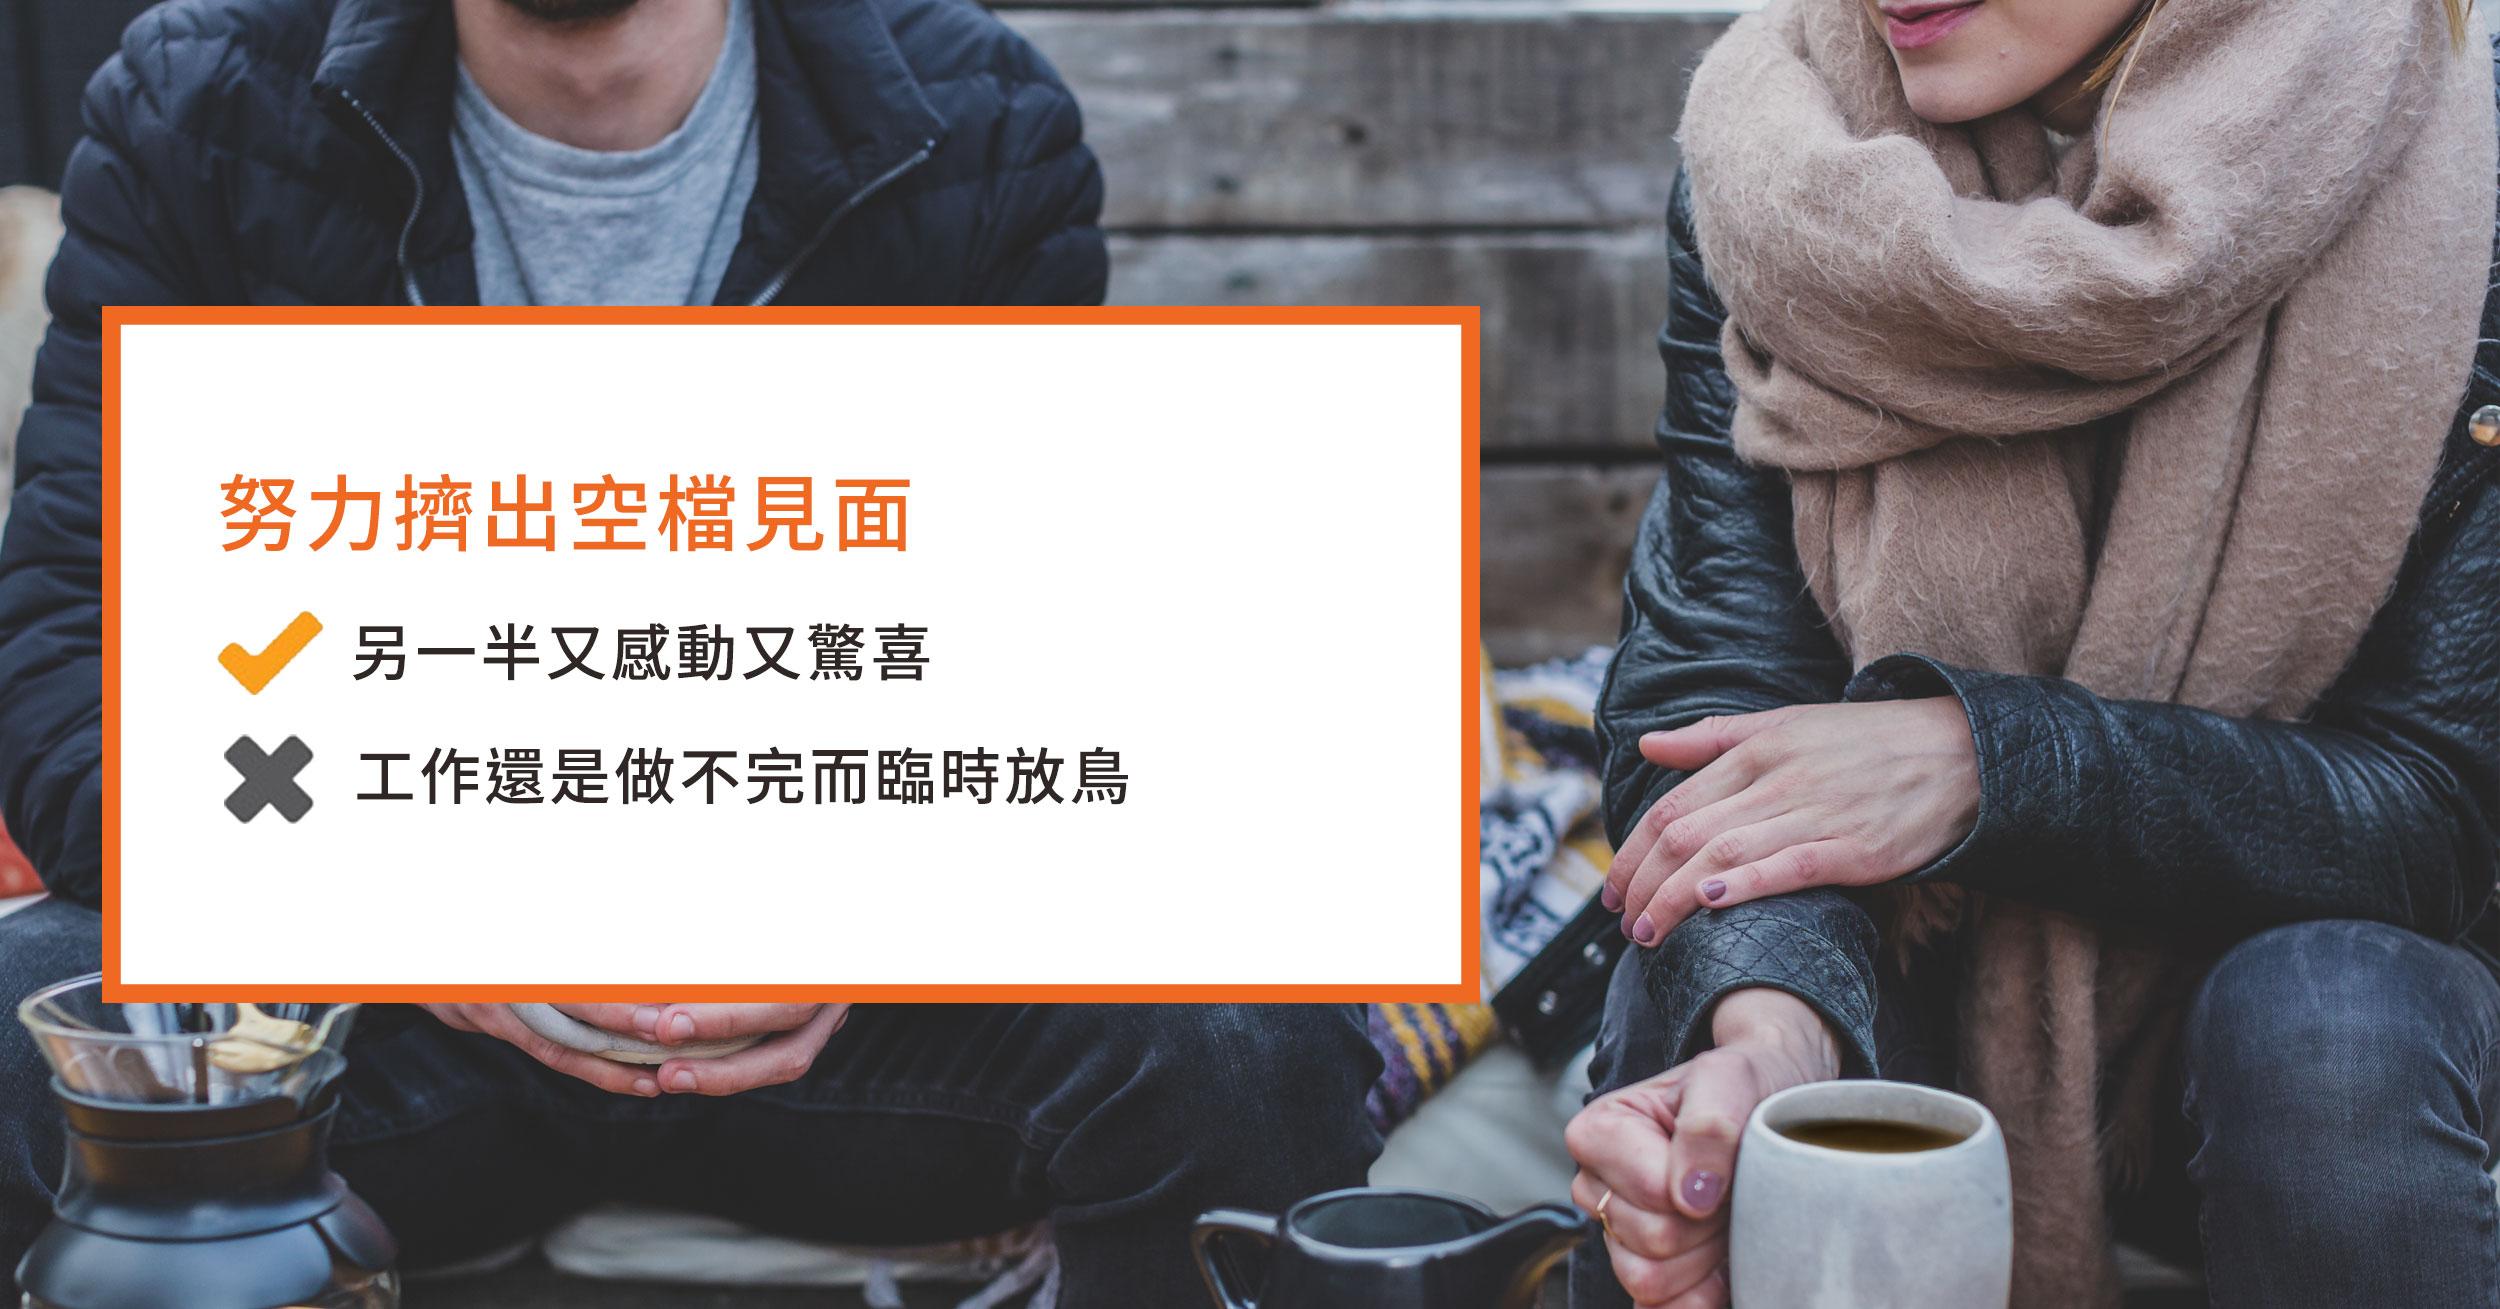 tw_20180314_啦啦急救救星(白色情人節篇-2).jpg